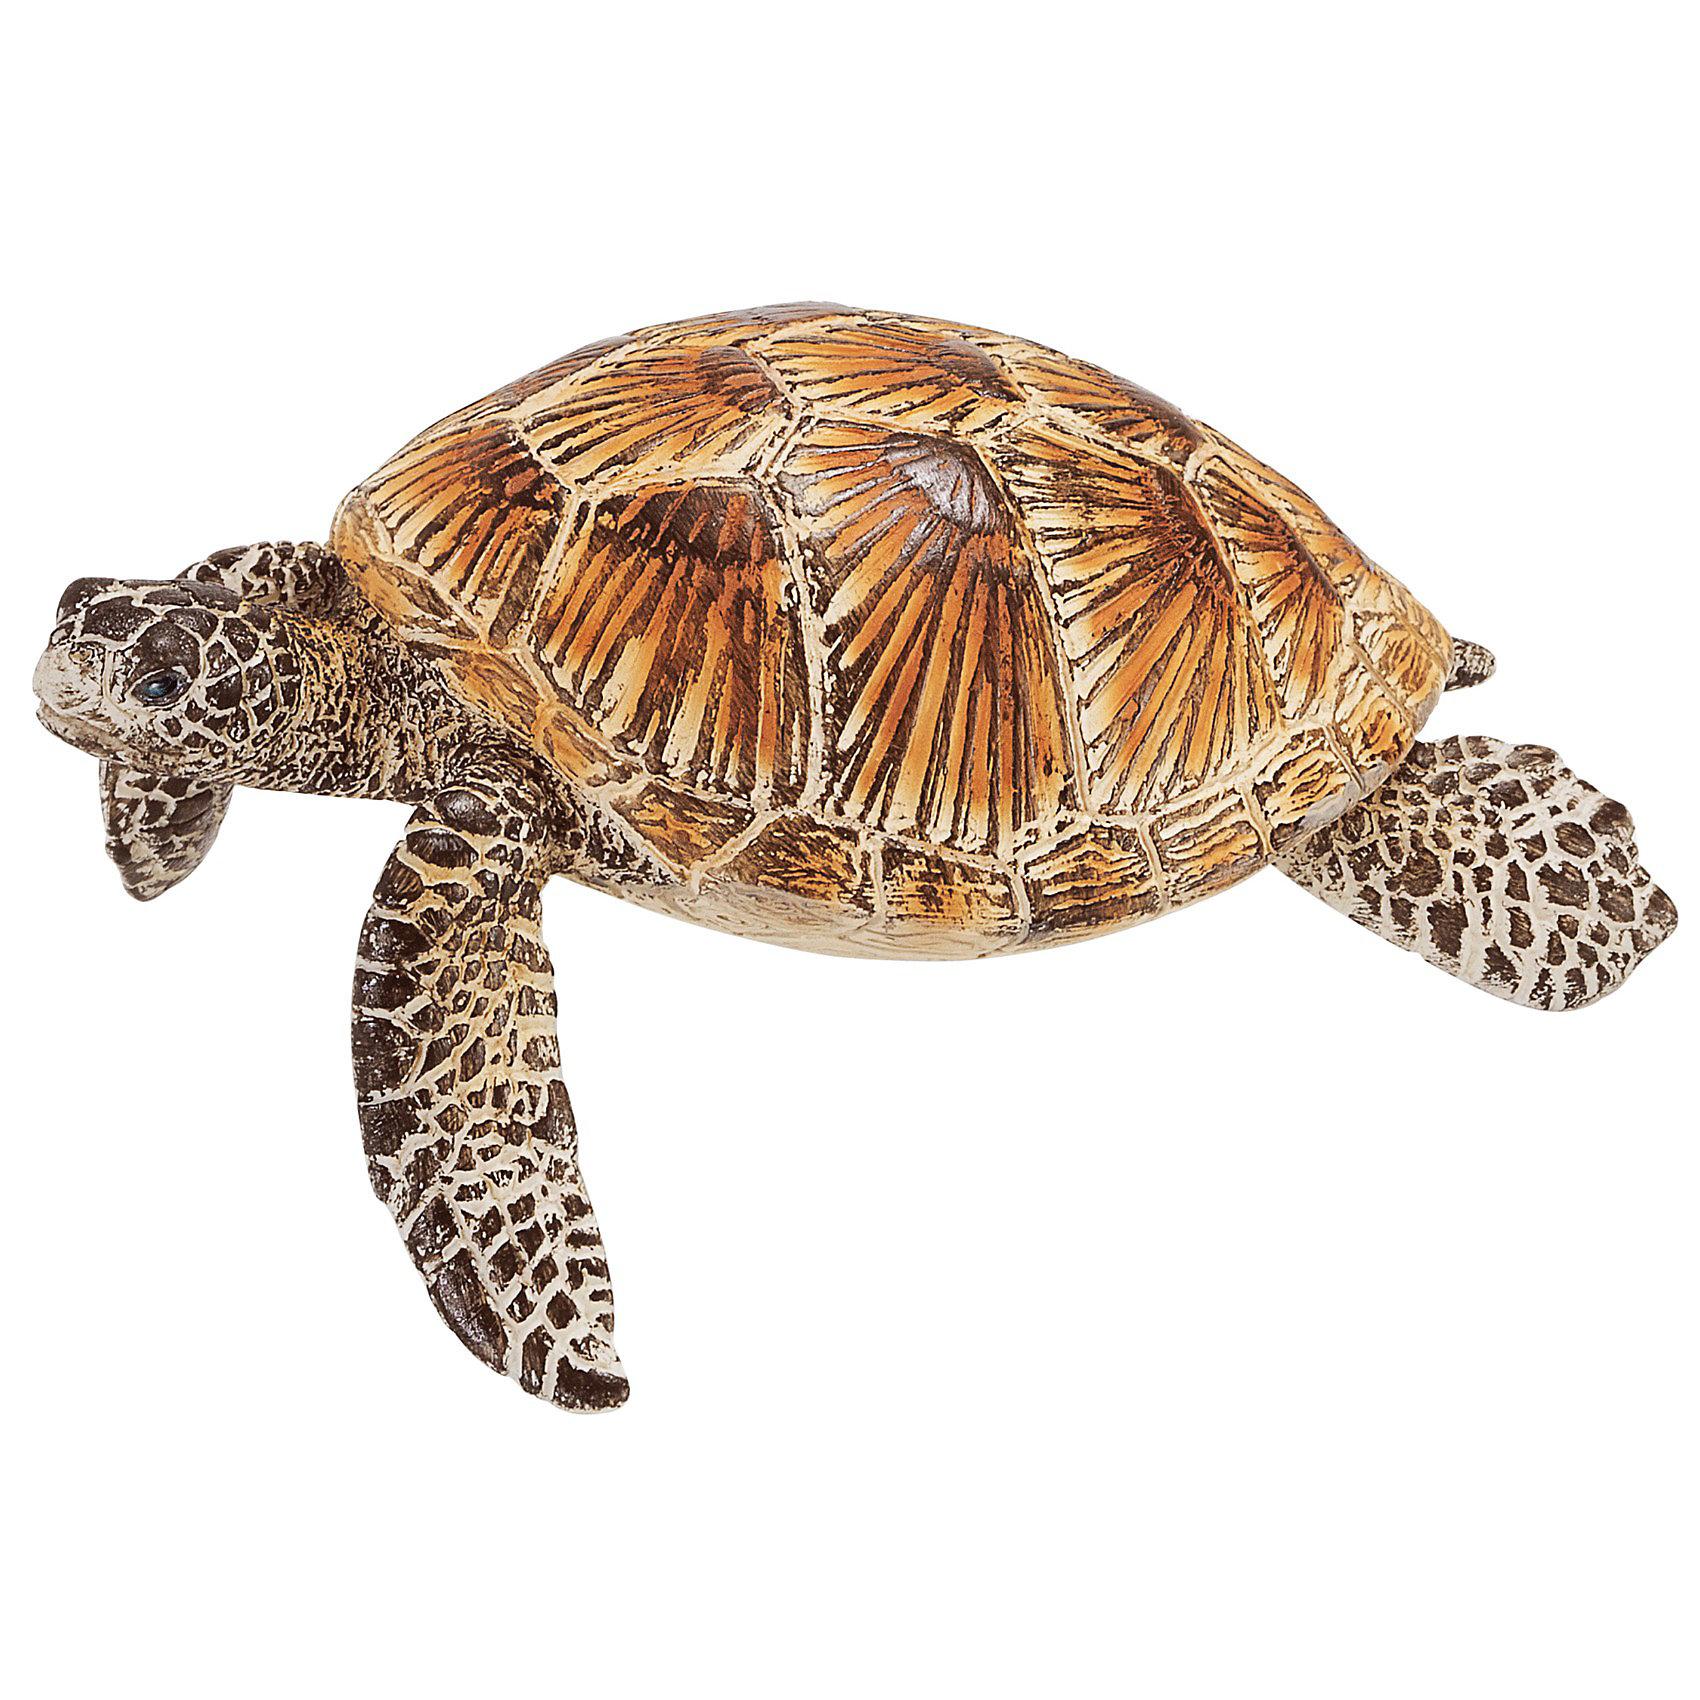 Морская черепаха, SchleichМир животных<br>Морская черепаха прекрасно адаптирована для жизни в воде. У нее обтекаемое туловище и лапы в виде ласт, что позволяет черепахе довольно быстро плавать. Ее движения под водой напоминают полет птицы в небе. Интересно, что морская черепаха не может спрятать свою большую голову в панцирь. <br>За исключением того времени, когда они откладывают яйца, черепахи проводят всю свою жизнь в тропических и субтропических водах, где они охотятся на головоногих, крабов и медуз.<br><br>Дополнительная информация:<br><br>- Размер: 5.5 ? 8 ? 3.5 см<br>- Материал: каучуковый пластик<br><br>Фигурку Морской черепахи, Schleich (Шляйх) можно купить в нашем магазине.<br><br>Ширина мм: 94<br>Глубина мм: 63<br>Высота мм: 35<br>Вес г: 24<br>Возраст от месяцев: 36<br>Возраст до месяцев: 96<br>Пол: Унисекс<br>Возраст: Детский<br>SKU: 3164139